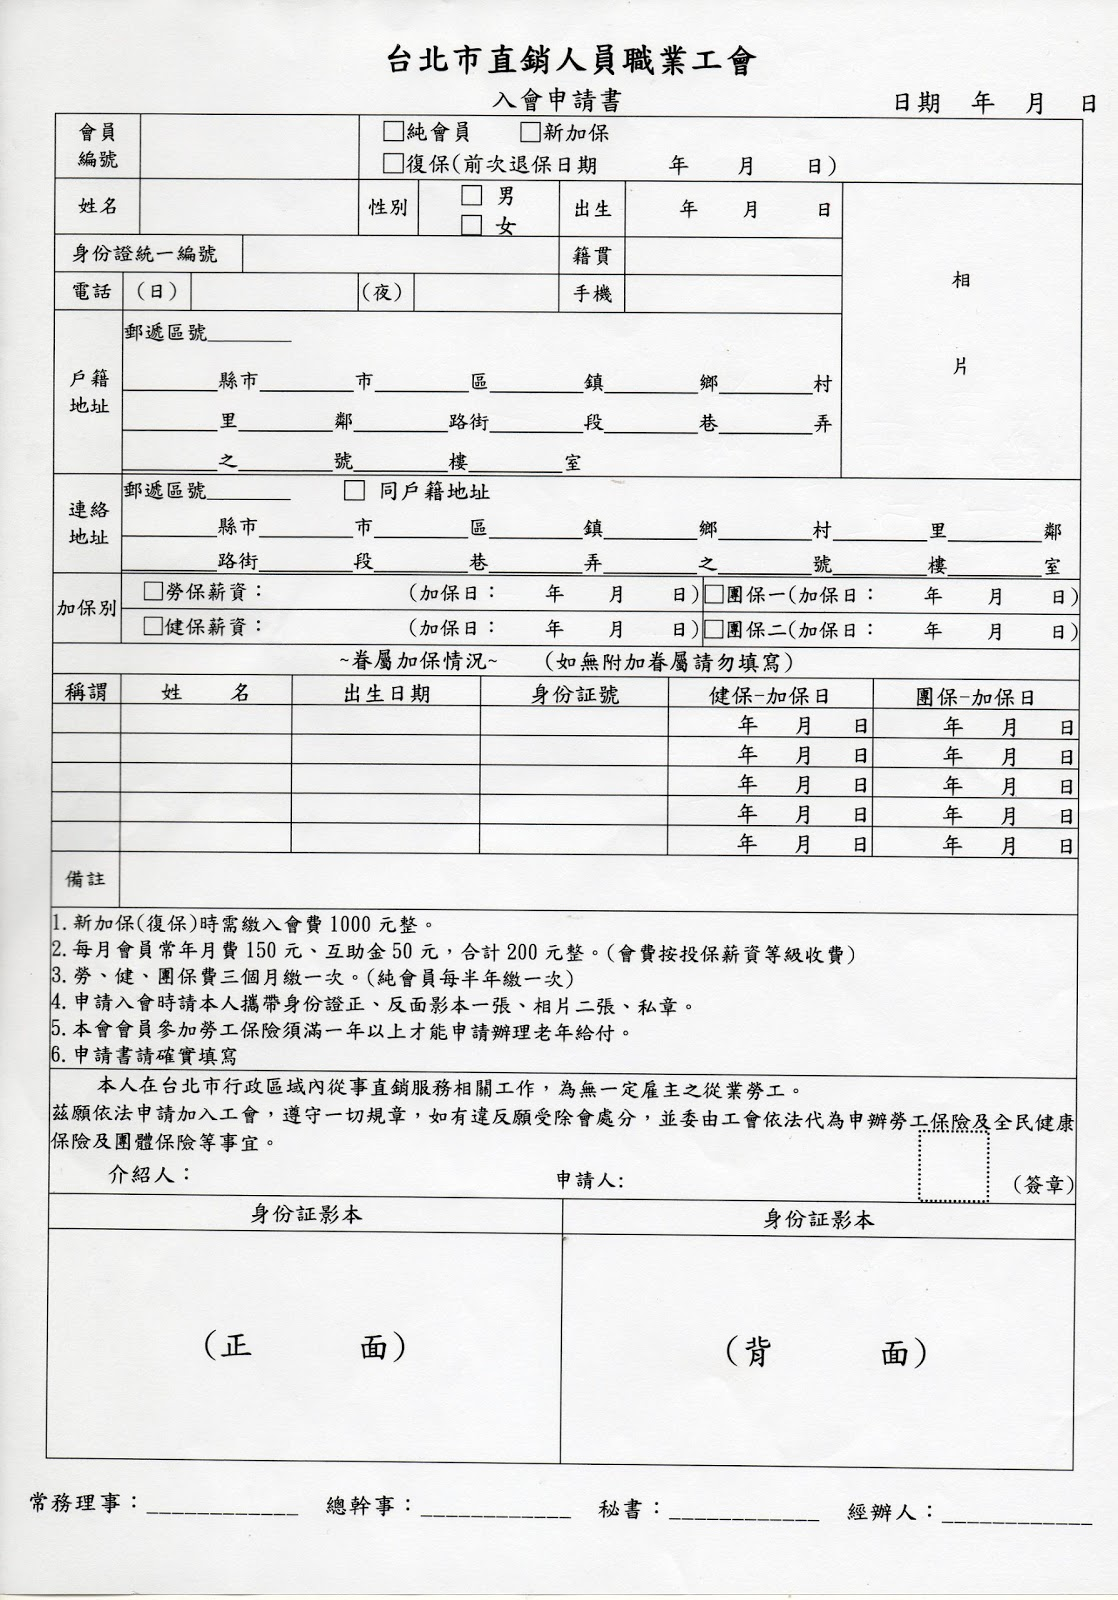 臺北市直銷人員職業工會: 下載申請書